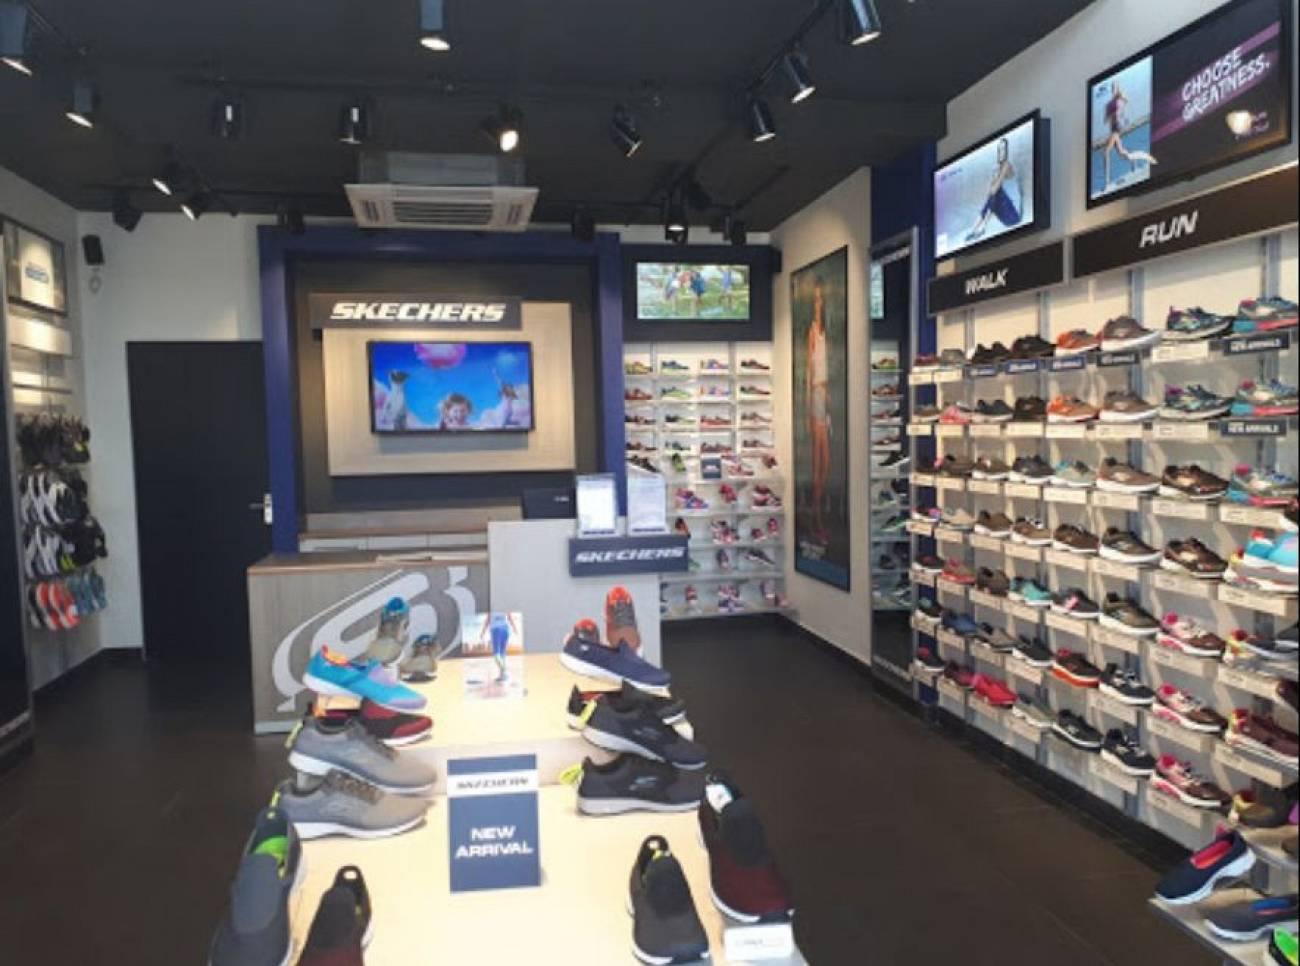 skechers showroom in chandigarh